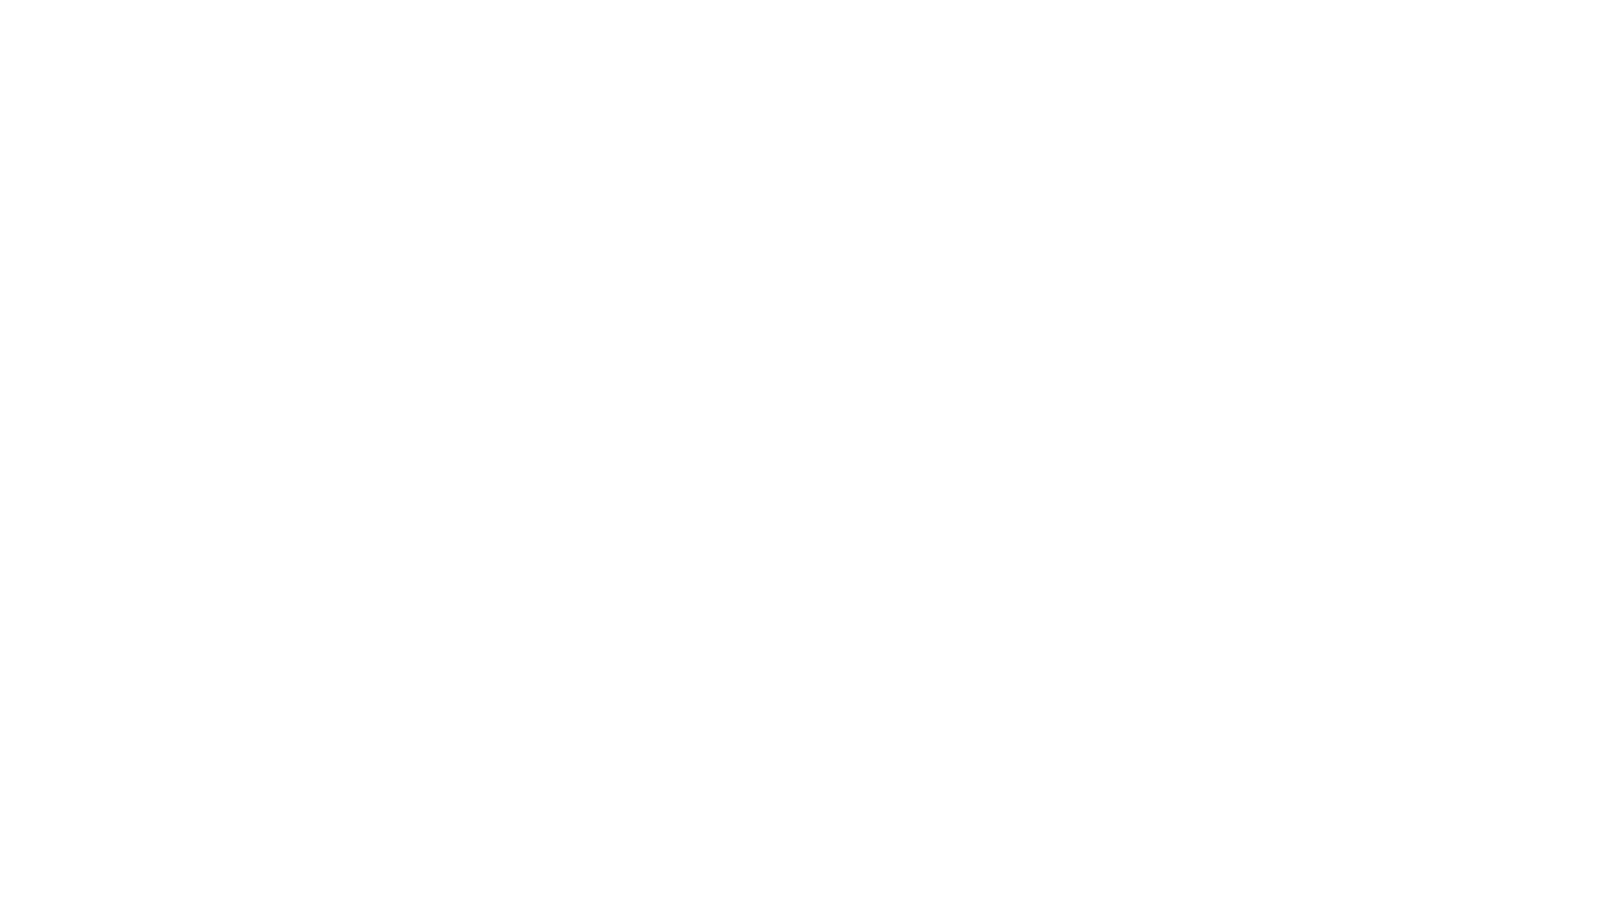 """Oh snap... Andi hat sich wieder in der Zeit verloren.😅 Aber er hat es pünktlich zur 9 Folge von D🅰️🅰️BLE TROUBLE geschafft.  Seid wieder dabei, wenn die zwei Herrschaften wieder die Zeit vergessen und über die Austrian Div, ELF und NFL plappern.🎙   🍷Werbung🍷 Unser Partner Weingut und Buschenschank Gratzer hat nach wie vor eine grandiose Aktion für euch. Bei einer Onlinebestellung ab 12 Flaschen Wein ist der Versand kostenlos und euch werden noch -10% abgezogen.🛒 Einfach in der Bestellnotiz den Aktionsnamen:  """"Legionaries"""" angeben und schon spart ihr euch etwas beim Einkauf.🤩  https://gratzer-weine.at/  👕Merchandising👕 Unser Merchandising könnt ihr jetzt ganz bequem von zuhause bestellen. Einfach auf https://legionaries-shop.at/ klicken und gleich das passende Merch für die kommende Saison bestellen.🏈 🍺Unterstützung🍺 Und für all diejenigen, die uns gerne ein kaltes Erfrischungsgetränk ausgeben wollen - buymeacoffee.com/CLMT - Wir sind euch sehr dankbar.💛 #nflnews #austria #styria #loweraustria #americanfootball  #austrianfootballleague #austrianbowl #EuropeanLeagueofFootball #AFC  #NFC #mittwoch #livestream #wine #Merch #podcast #NFL #NFLDraft"""